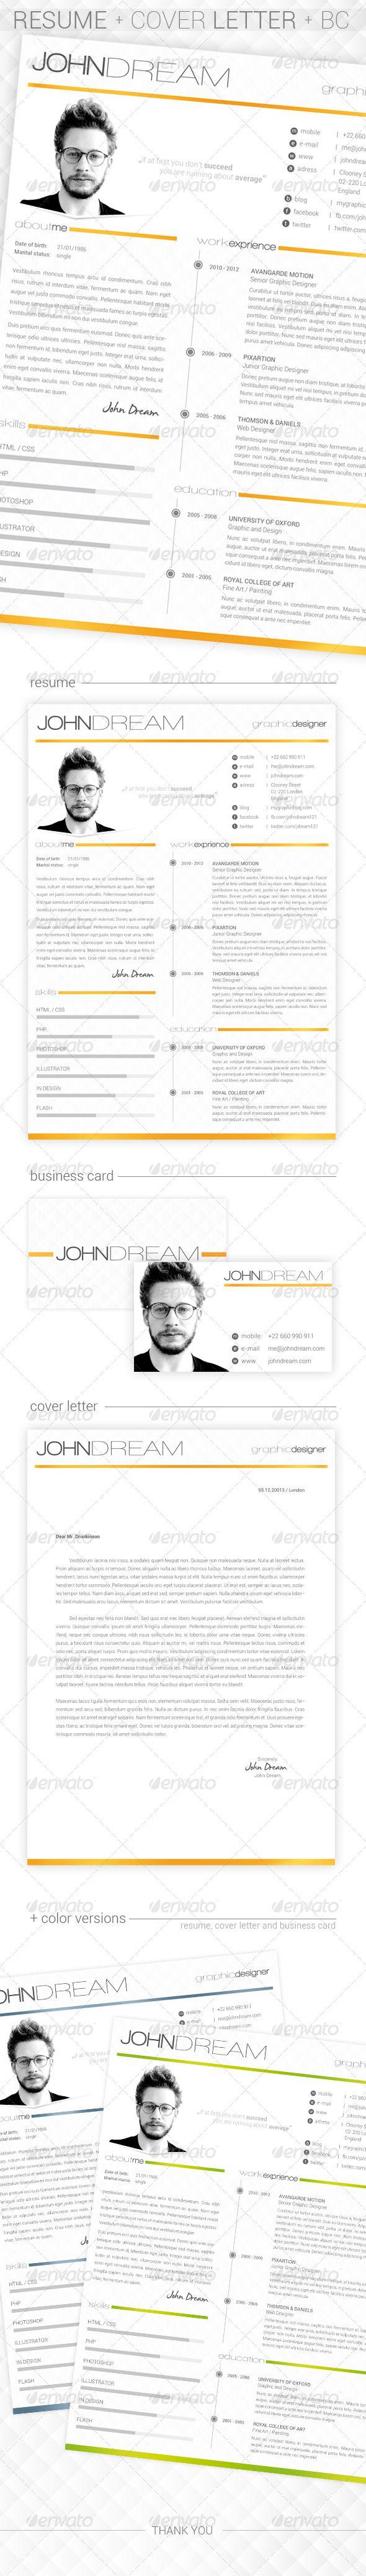 Bonus Letter Template Jdream  Resume  Cover Letter  Bc  Resume Cover Letters Print .